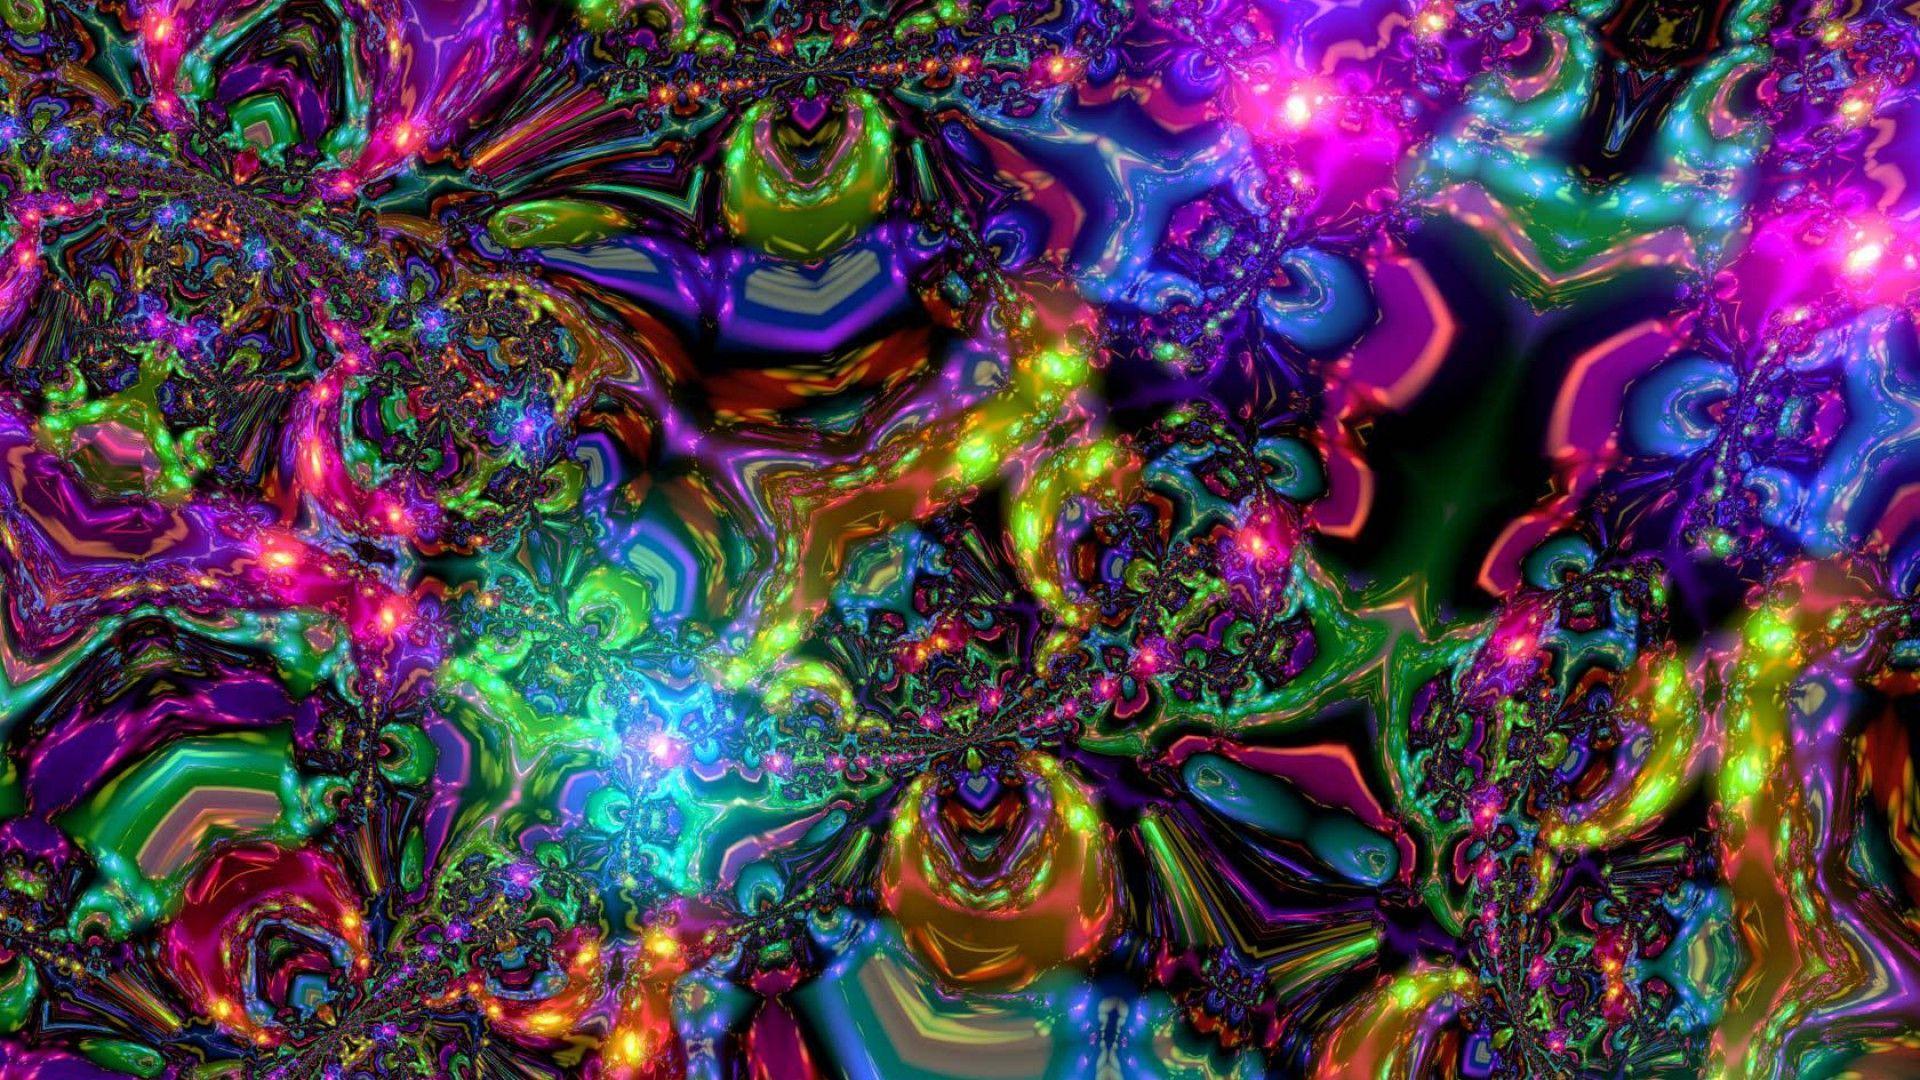 trippy wallpapers hd HD